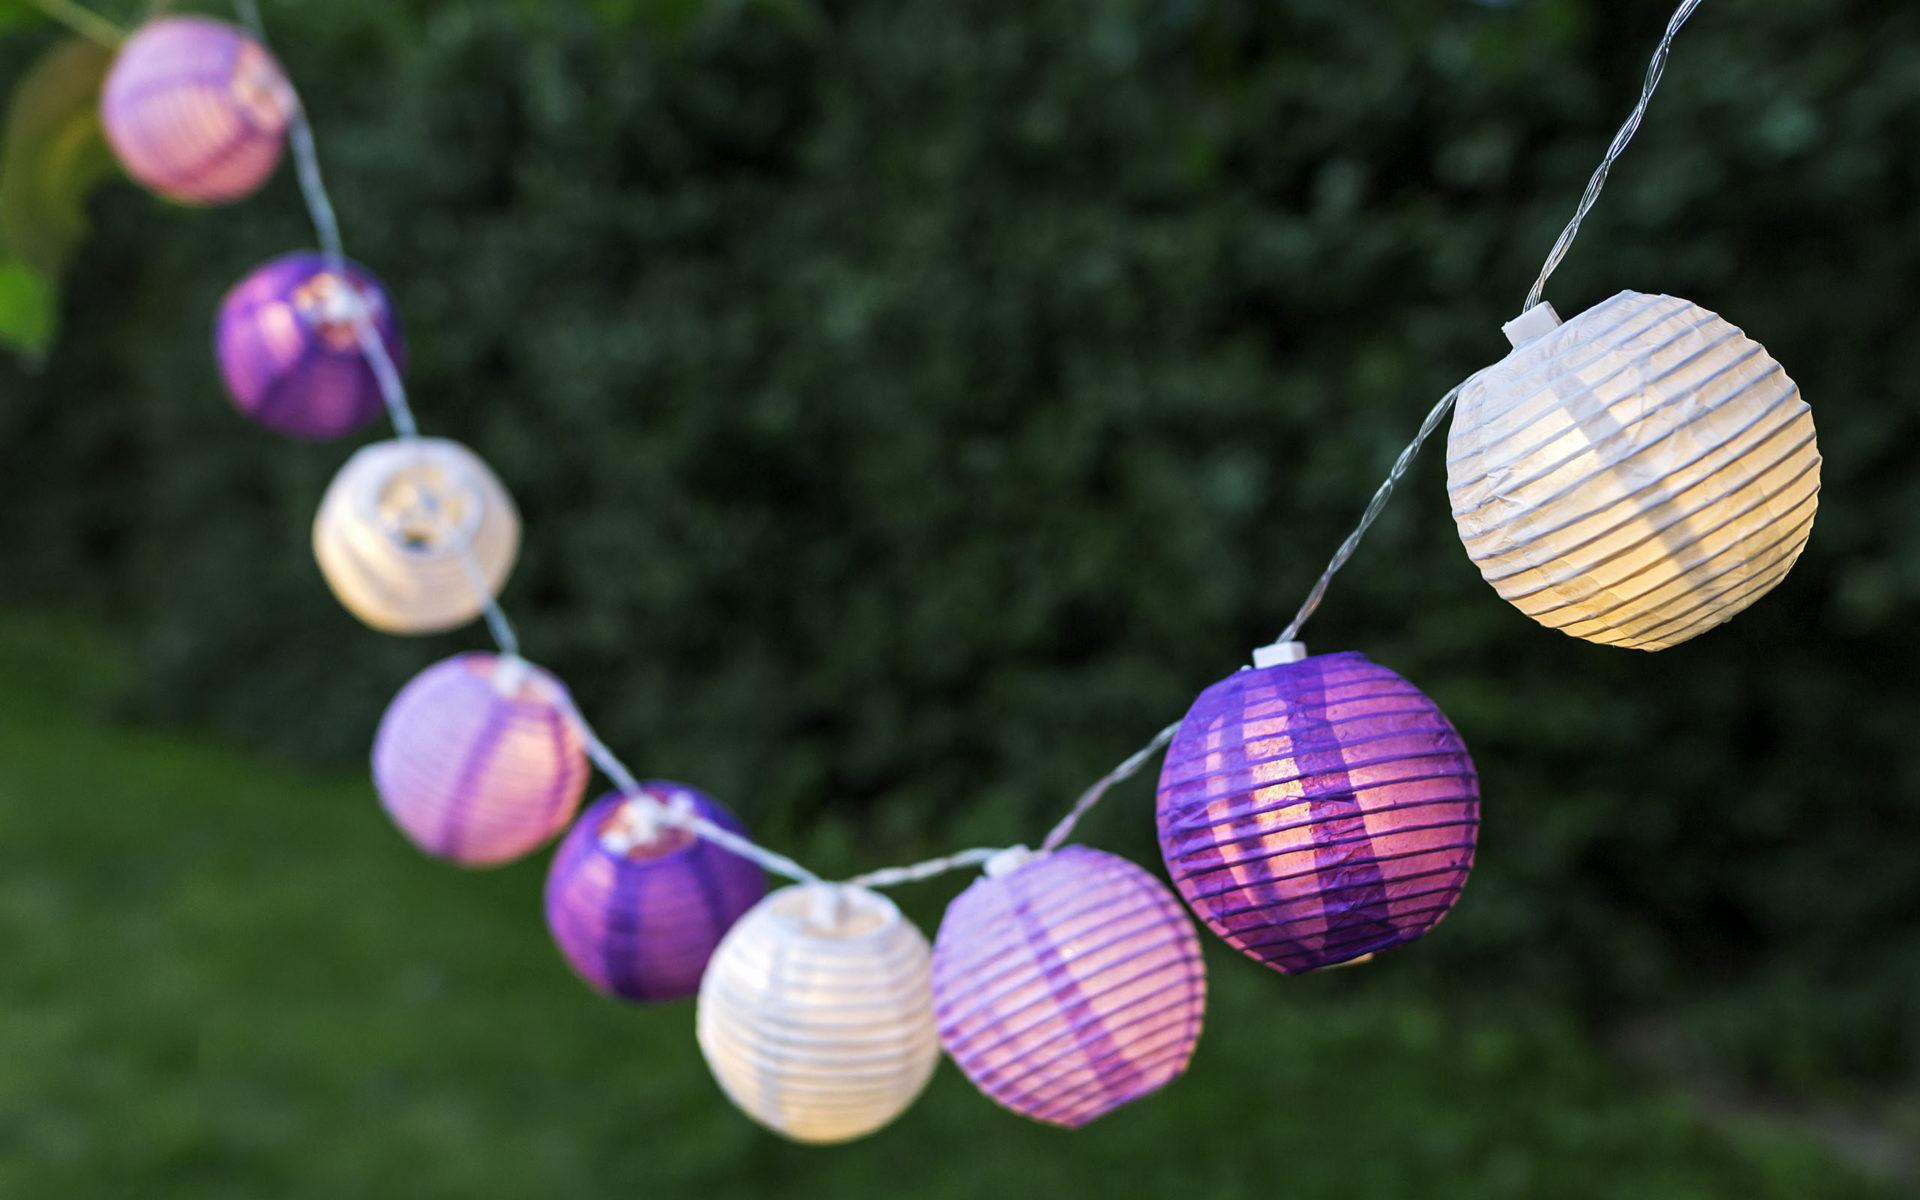 Outdoor-Foto von beleuchteten Lampions im Garten